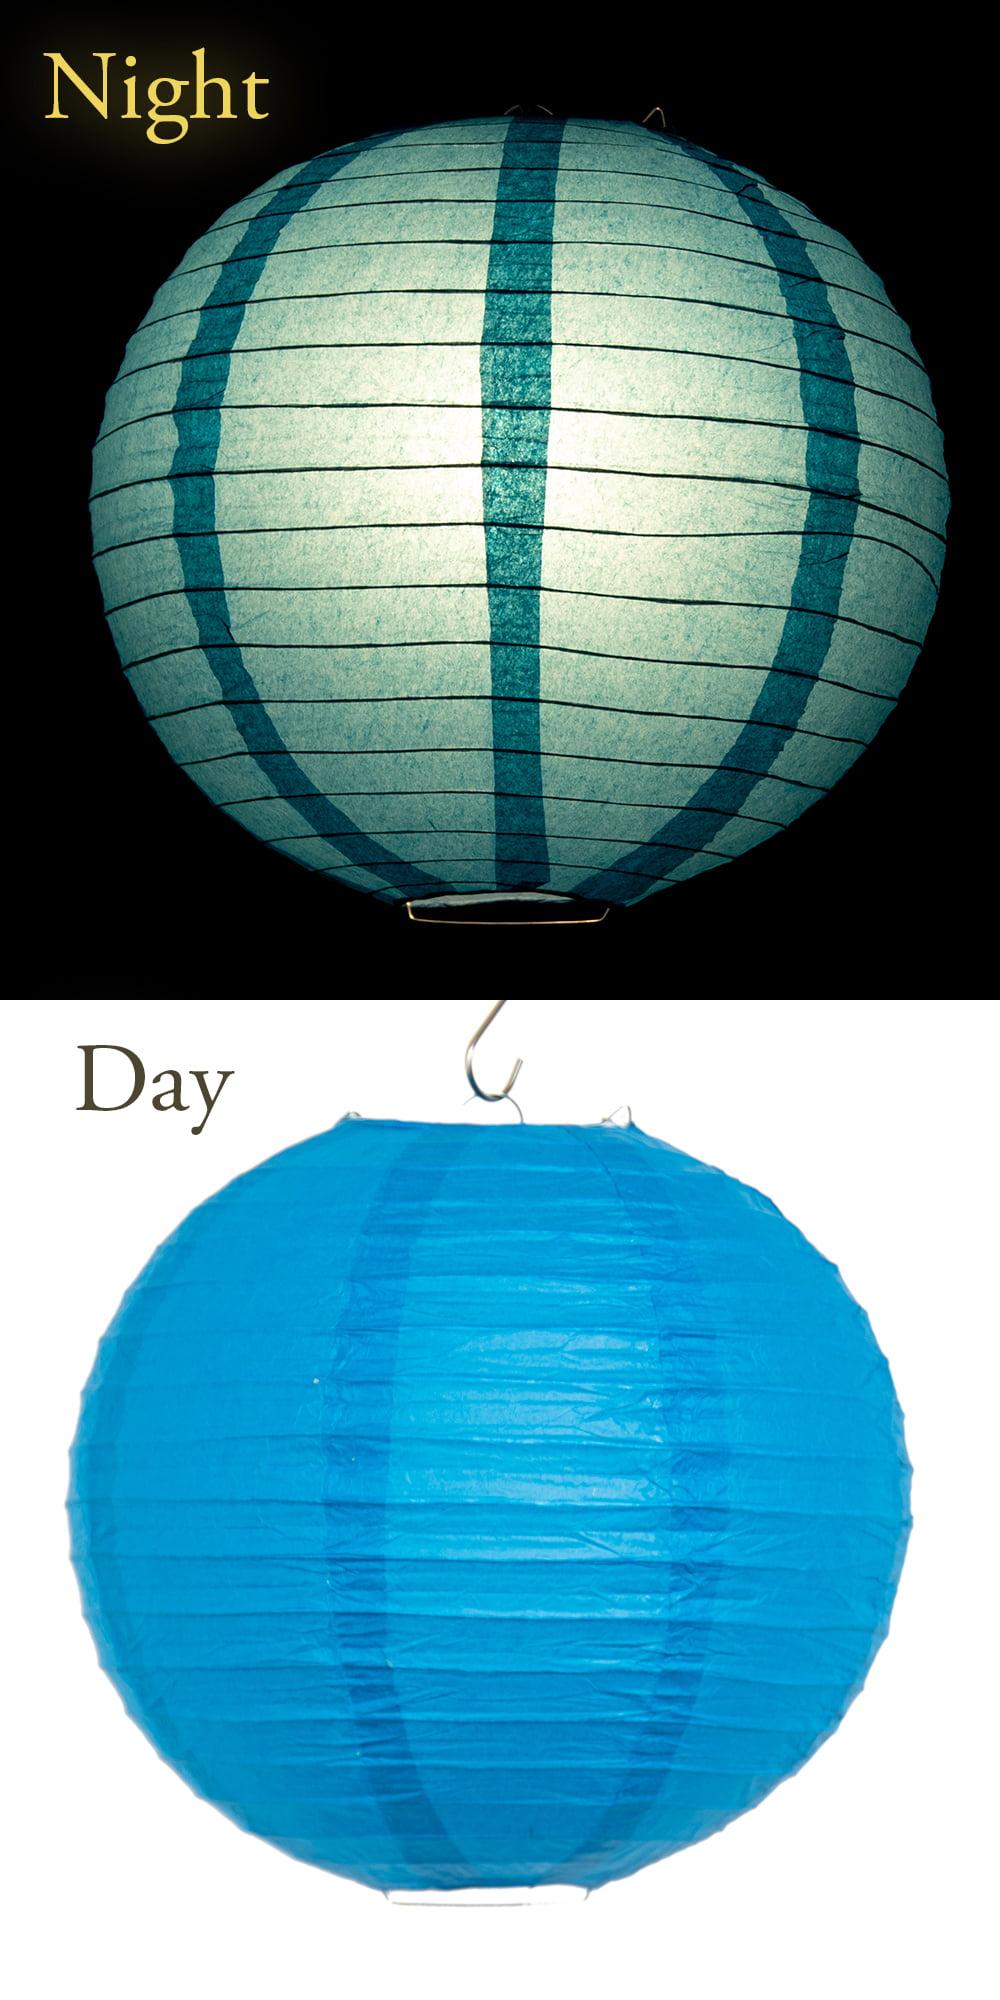 【8色展開】ベトナムのカラフル提灯・ランタン - 丸型 直径30cm 11 - 近くで見てみました。若干の光沢感のある生地が用いられています。